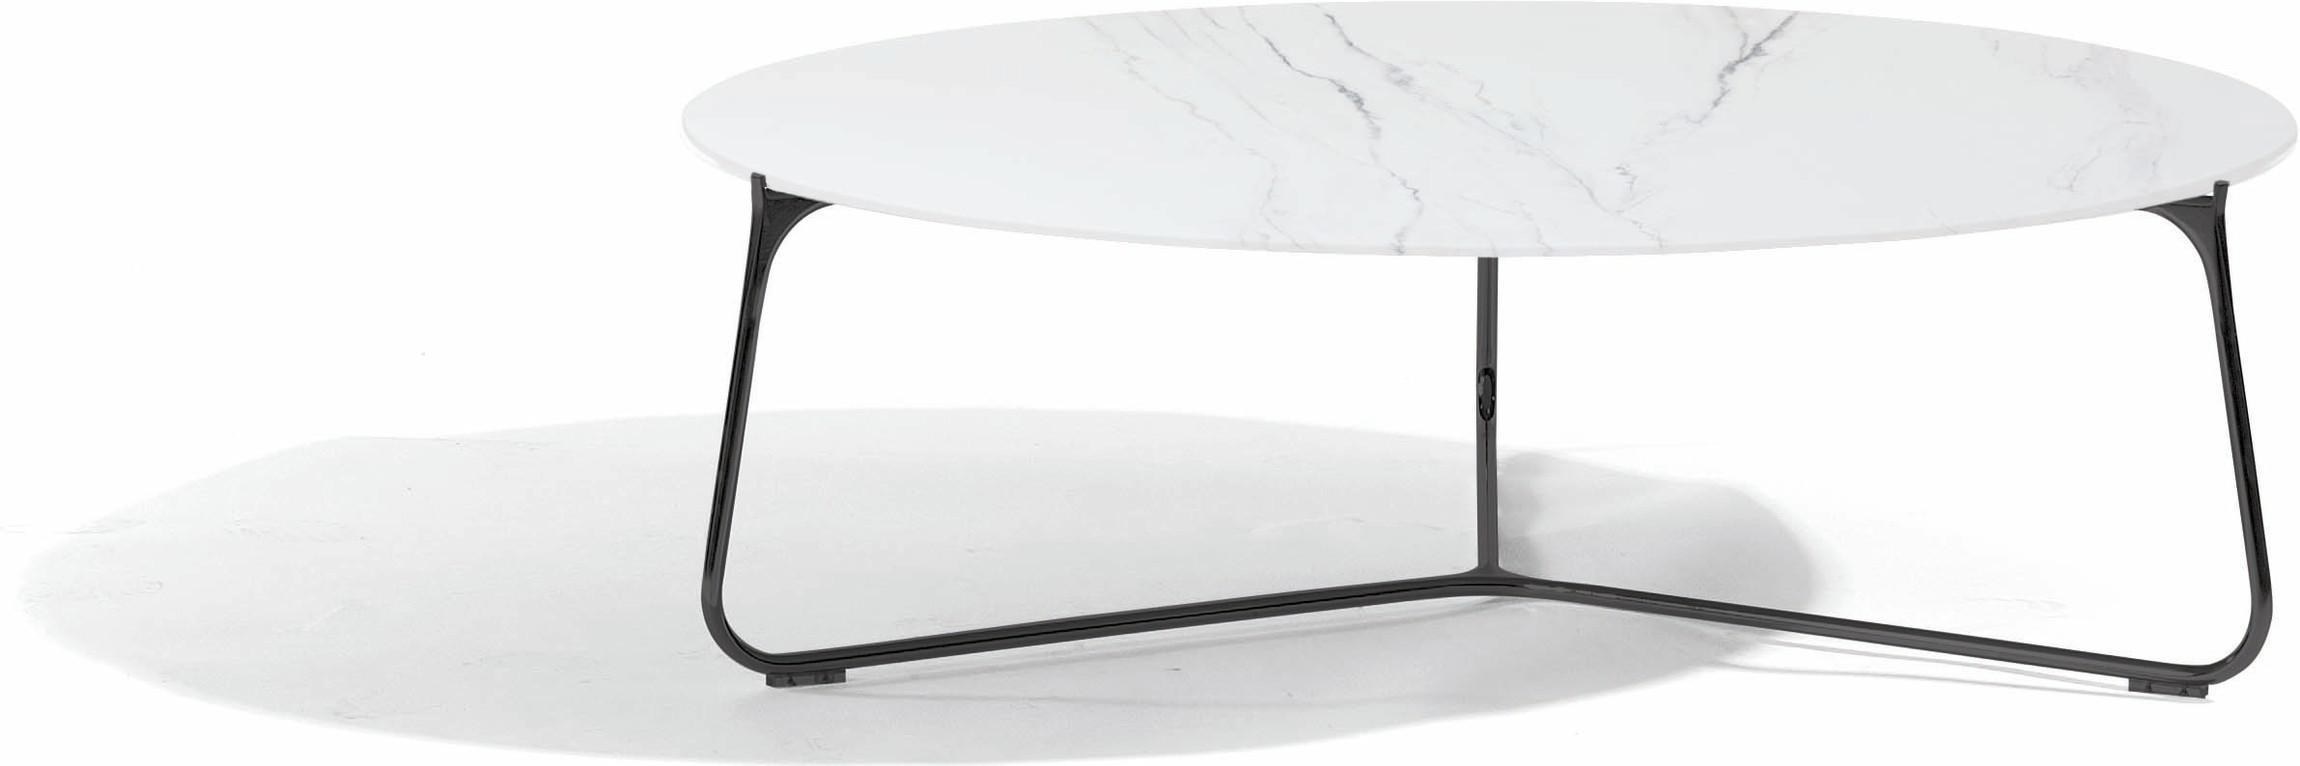 Mood Couchtisch - lavagrau - Keramik marmorweiß - 100